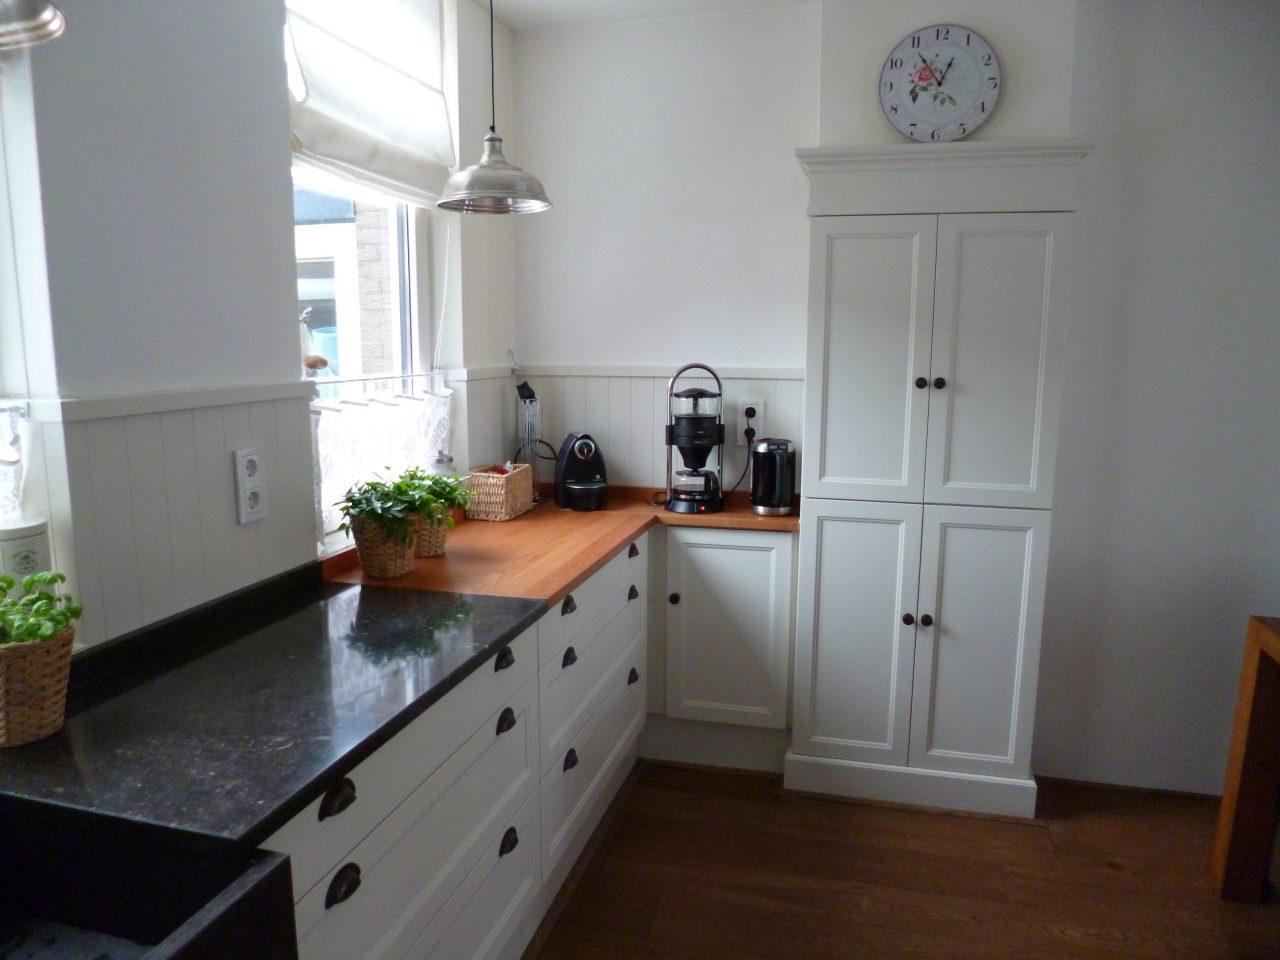 Keuken op maat met tijdloos landelijk design.